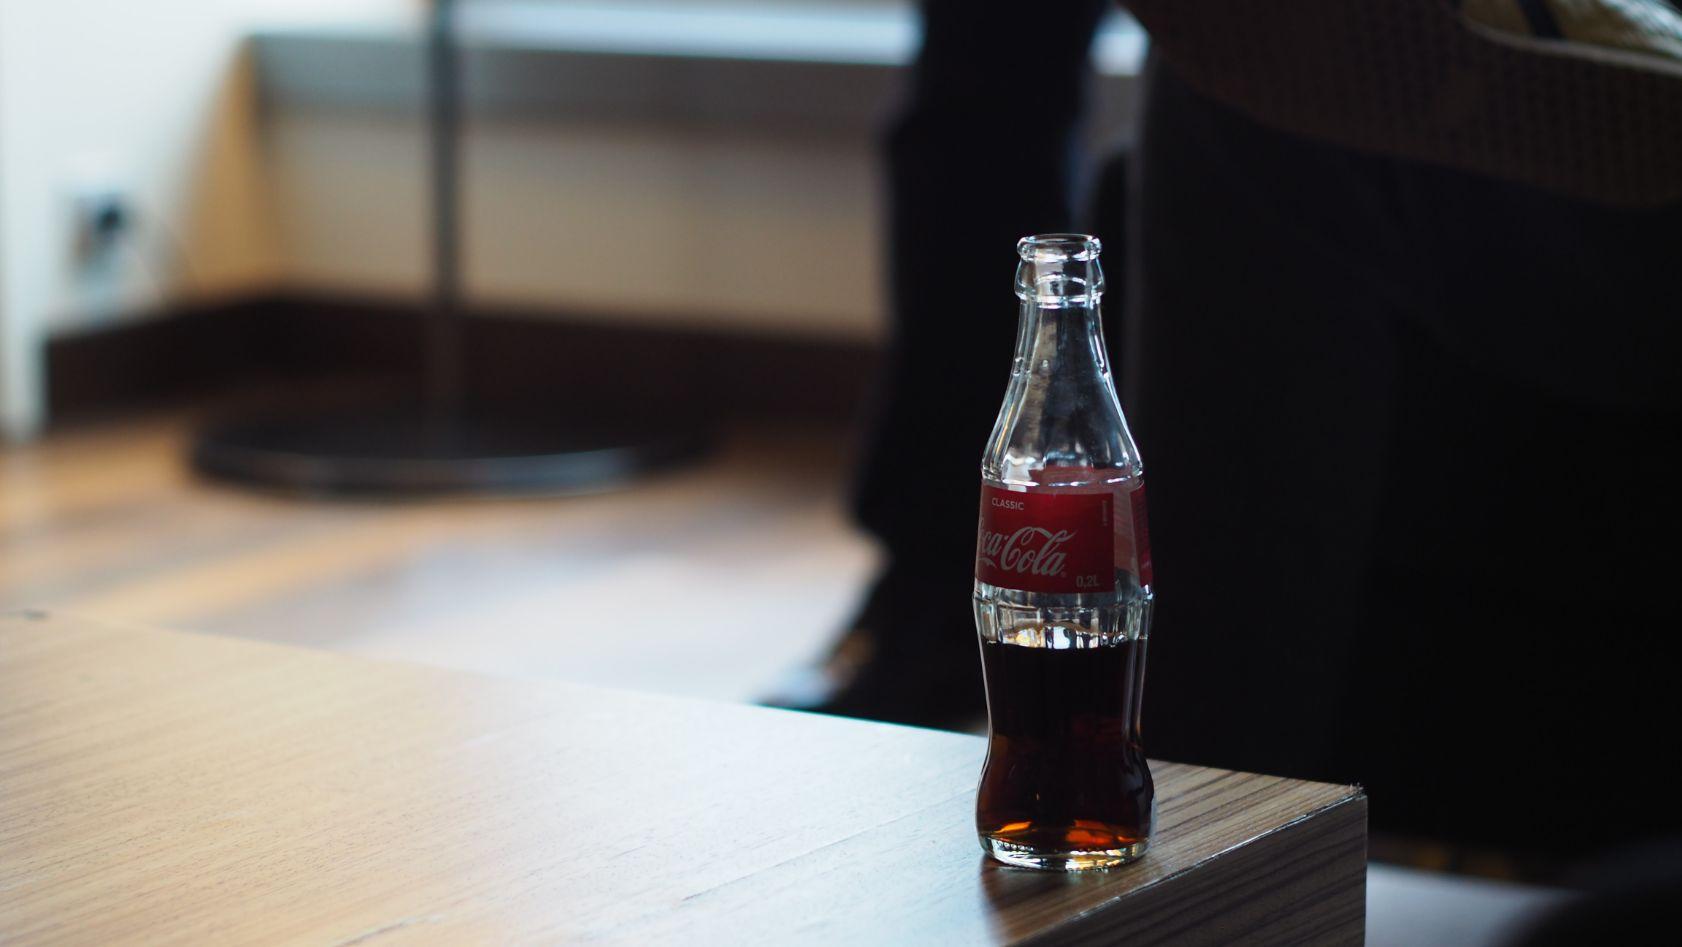 Butelka coca-coli na stole